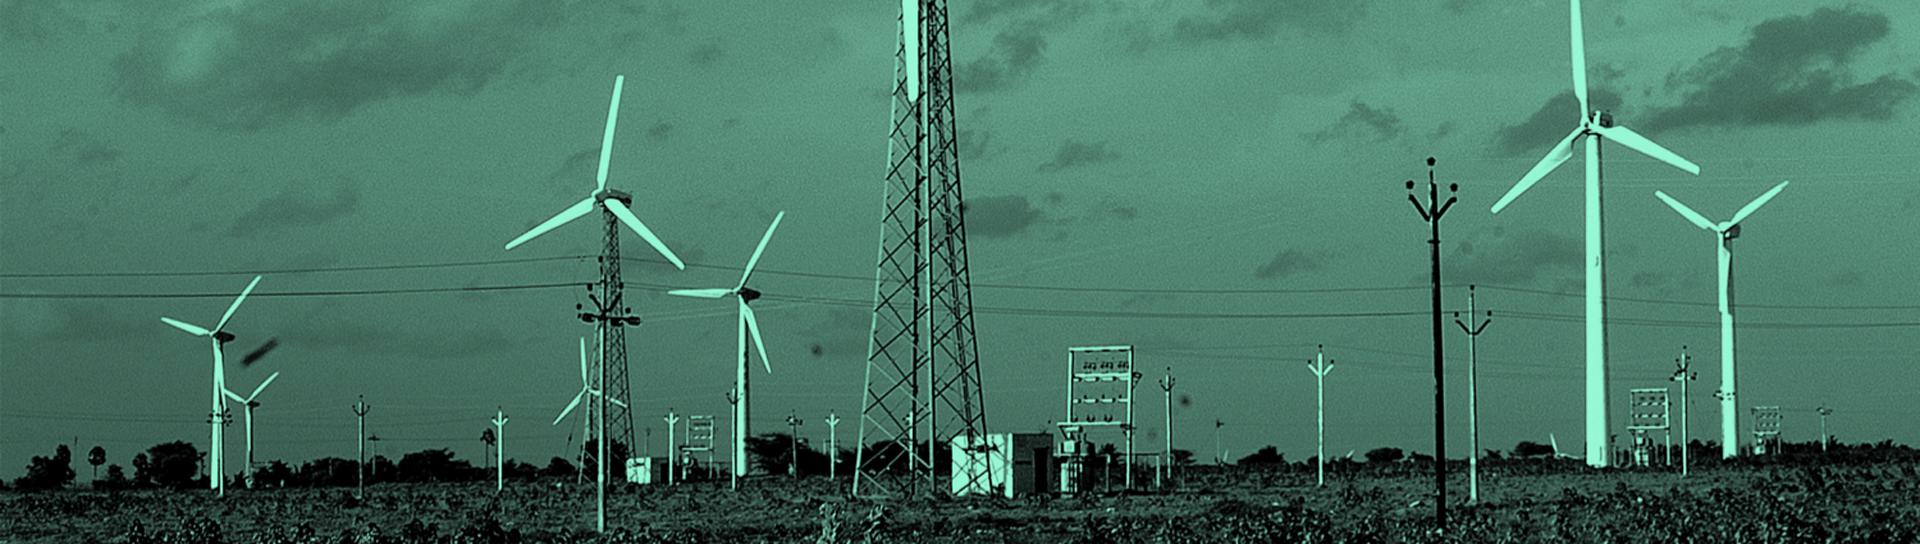 WindmillBannari_1